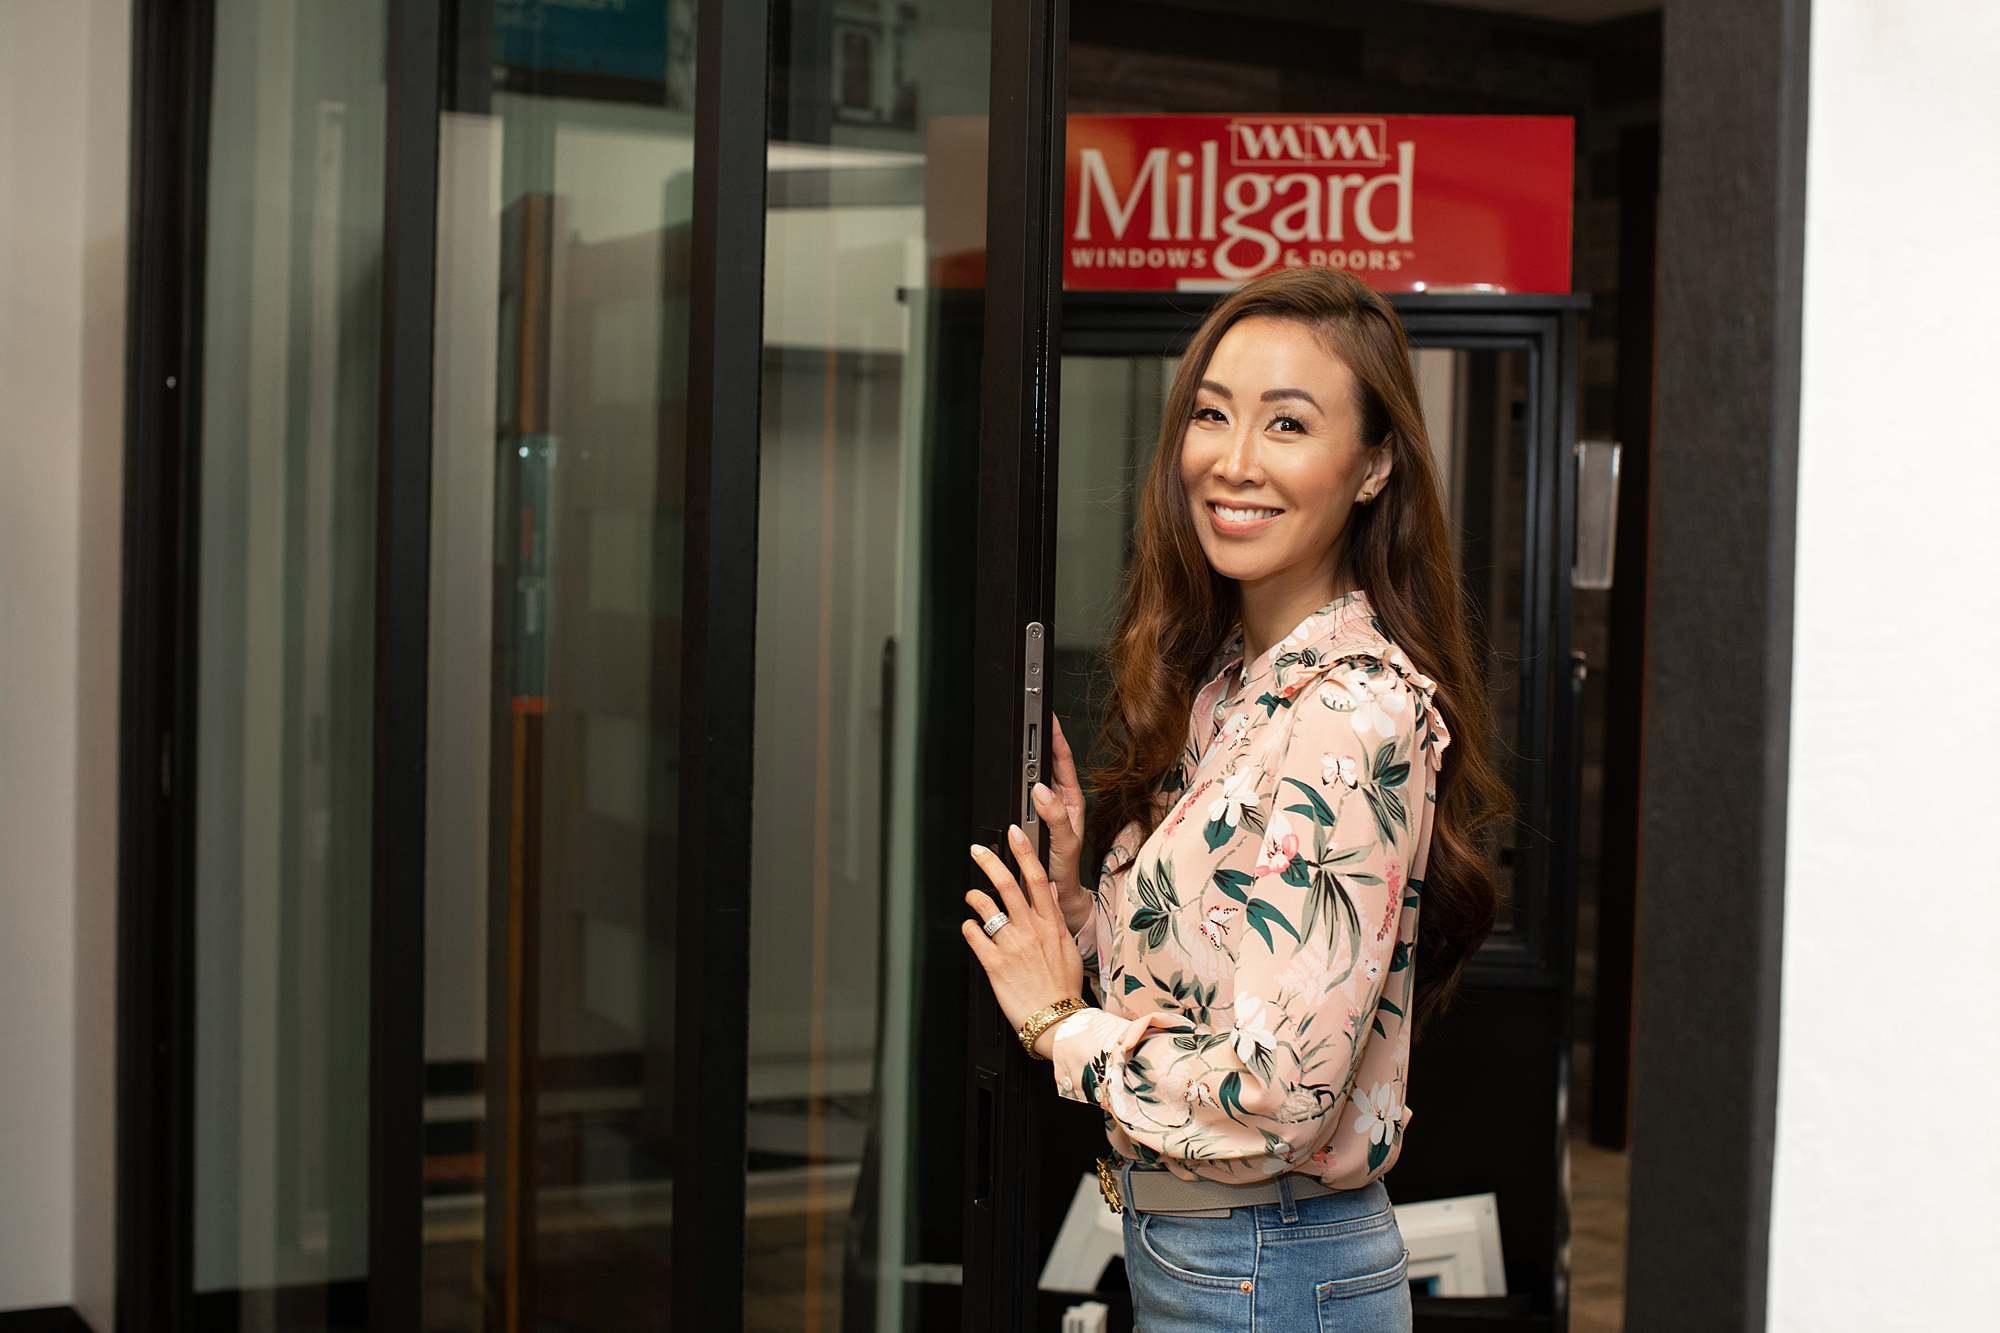 bifold stacking door best windows and doors Milgard arizona home blog Diana Elizabeth